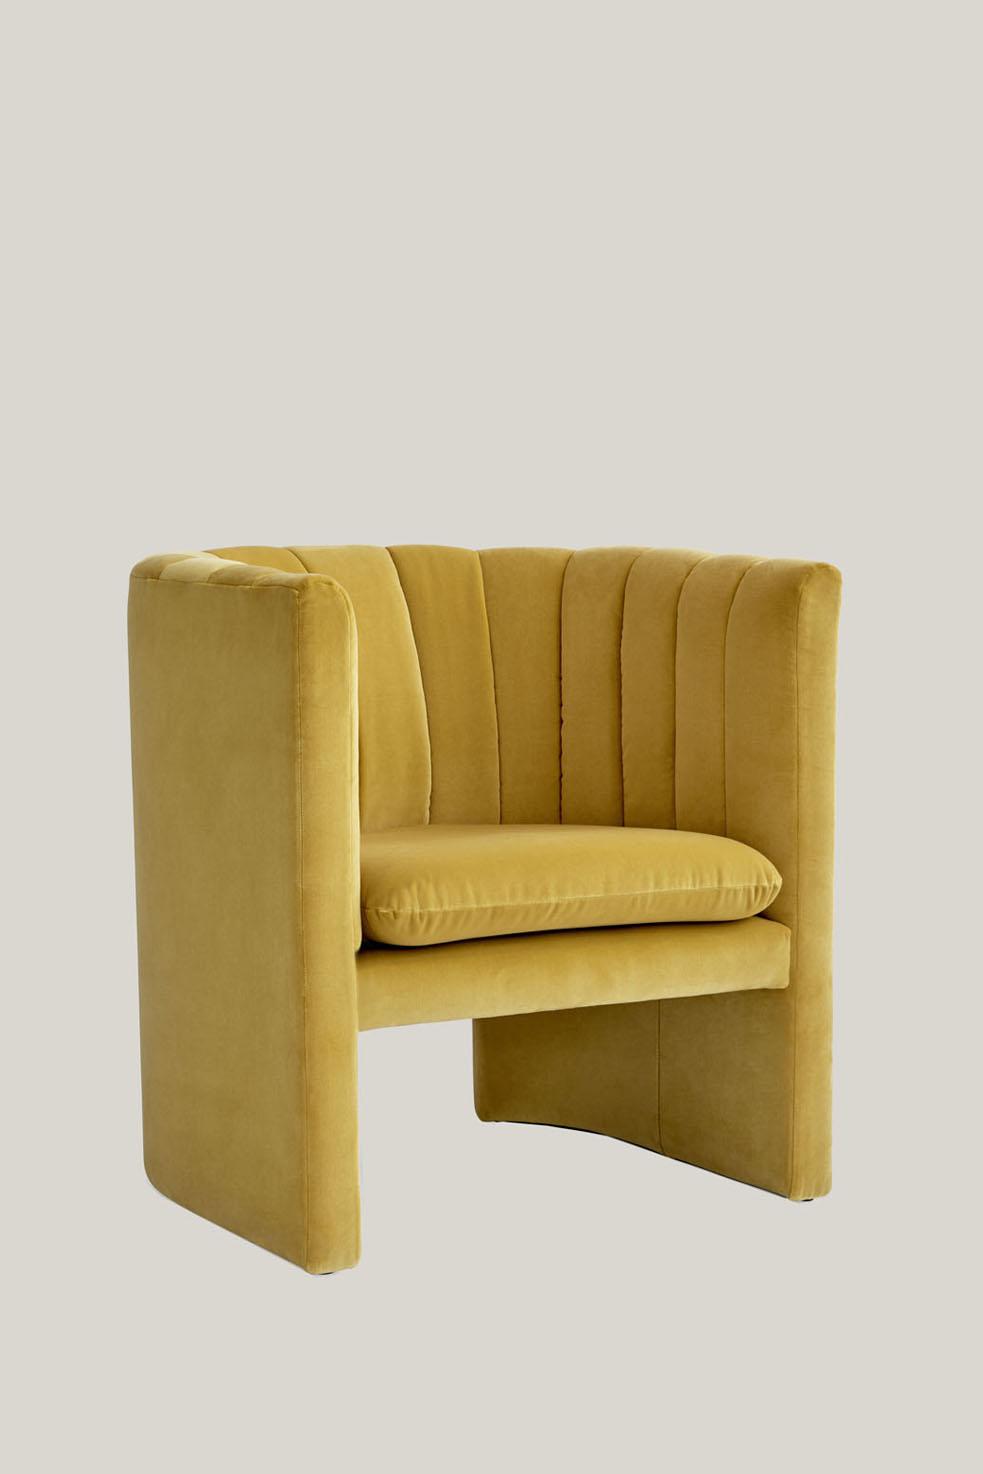 Loafer Chair SC23 Yellow Velvet